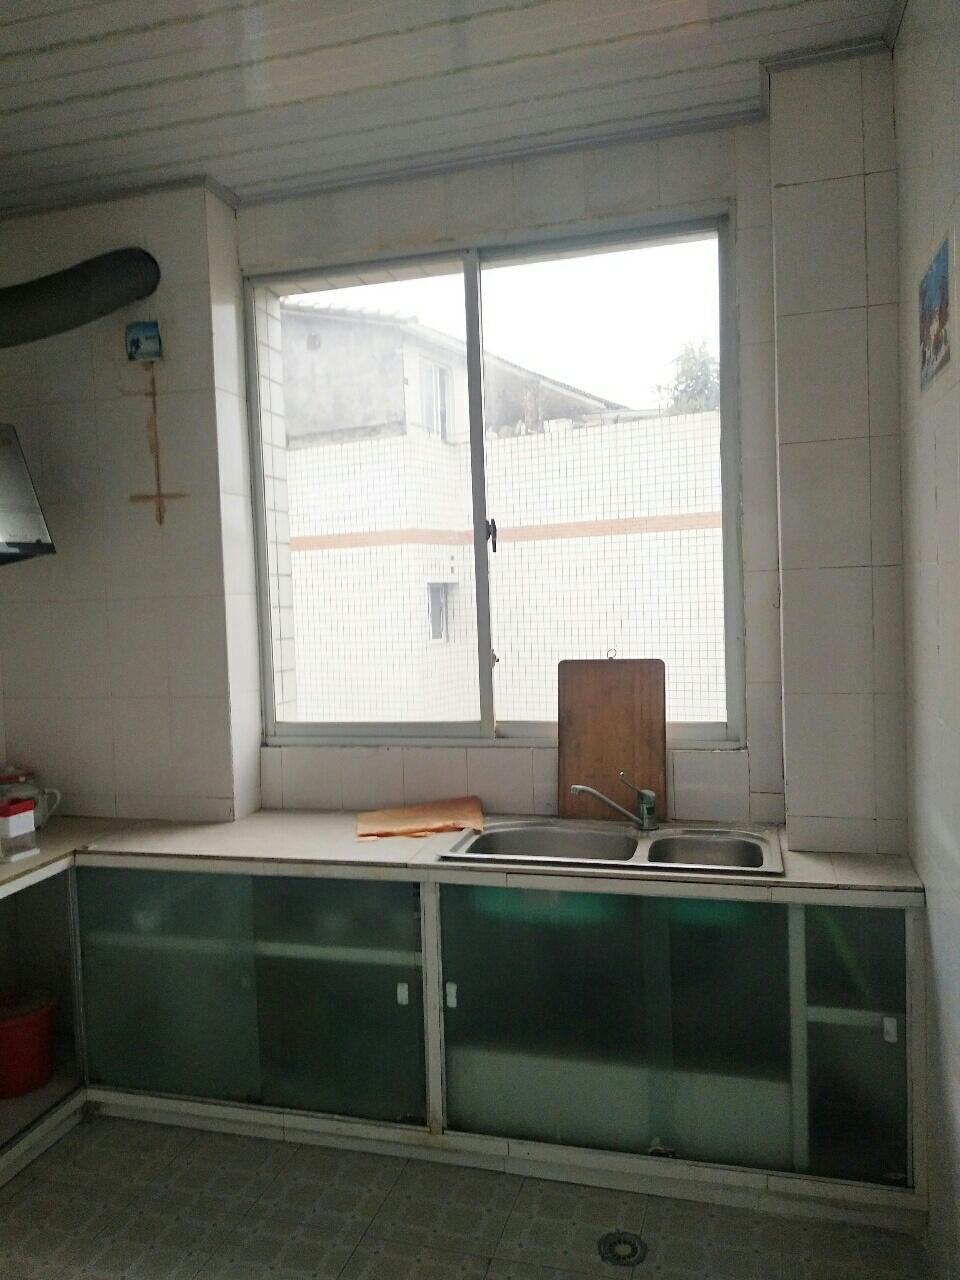 龙腾锦城3室2厅2卫1167元/月随时看房